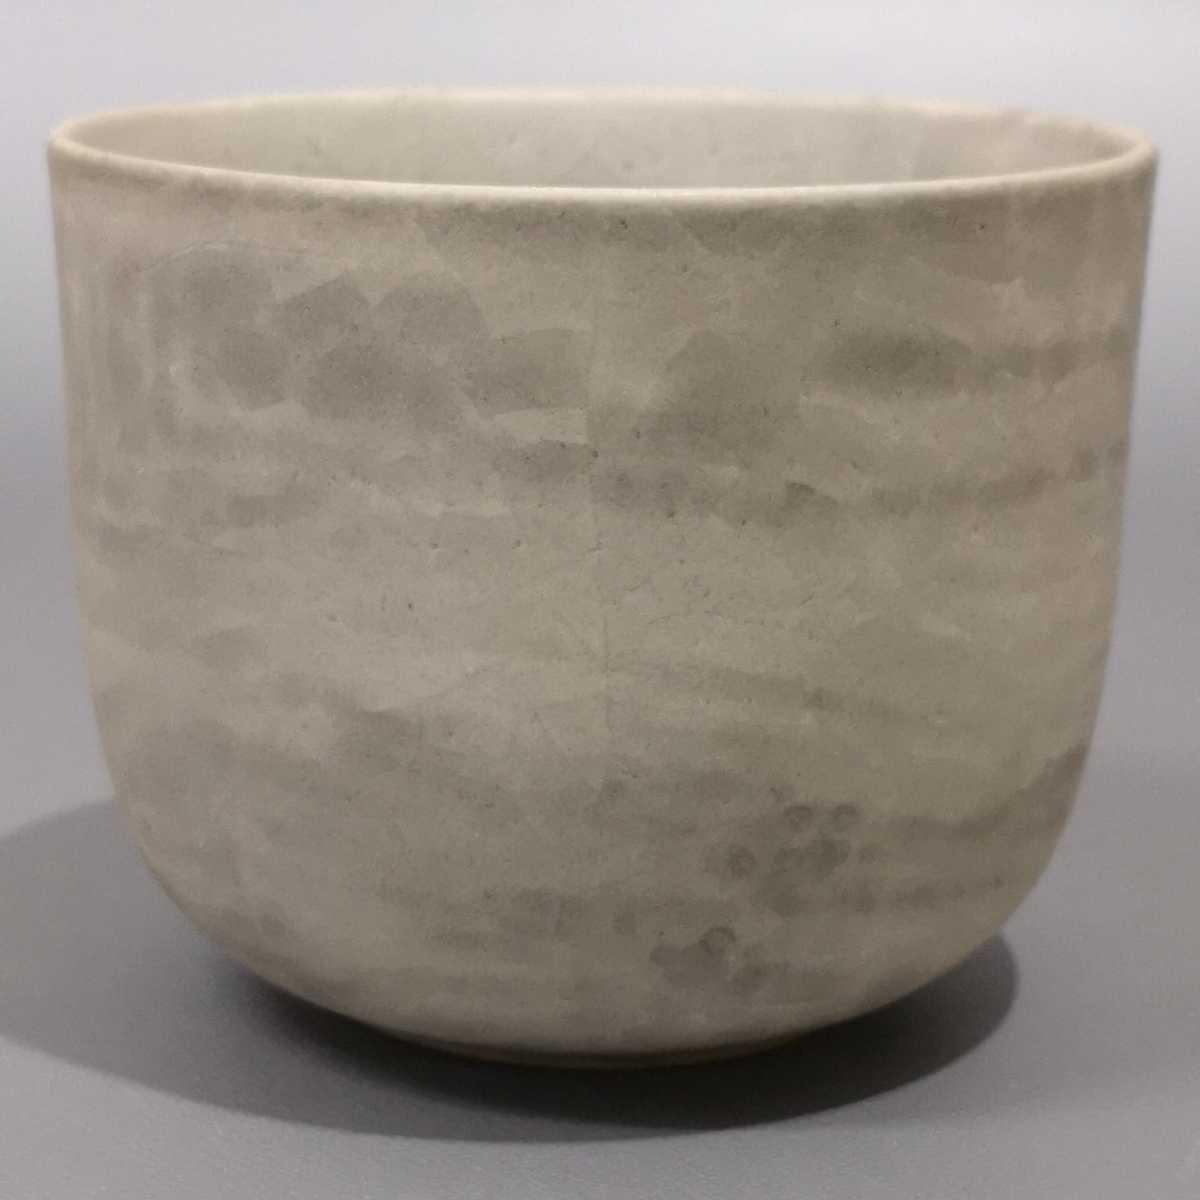 叶46)萩焼 コーヒーカップ マグカップ 珈琲器 未使用新品 同梱歓迎_画像3